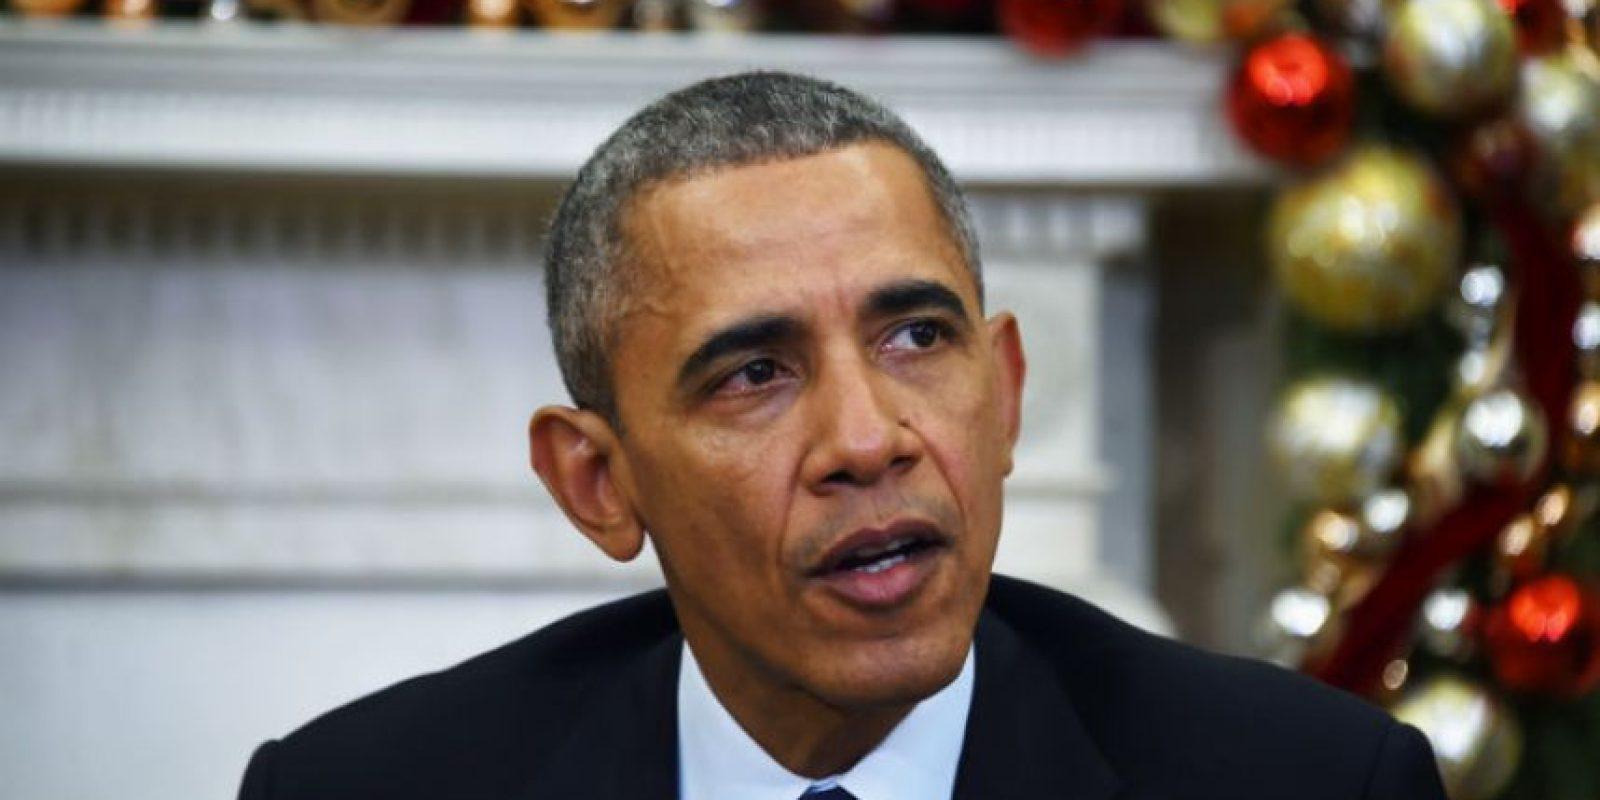 El presidente estadounidense Barack Obama lamentó la muerte de las víctimas. Foto:AFP